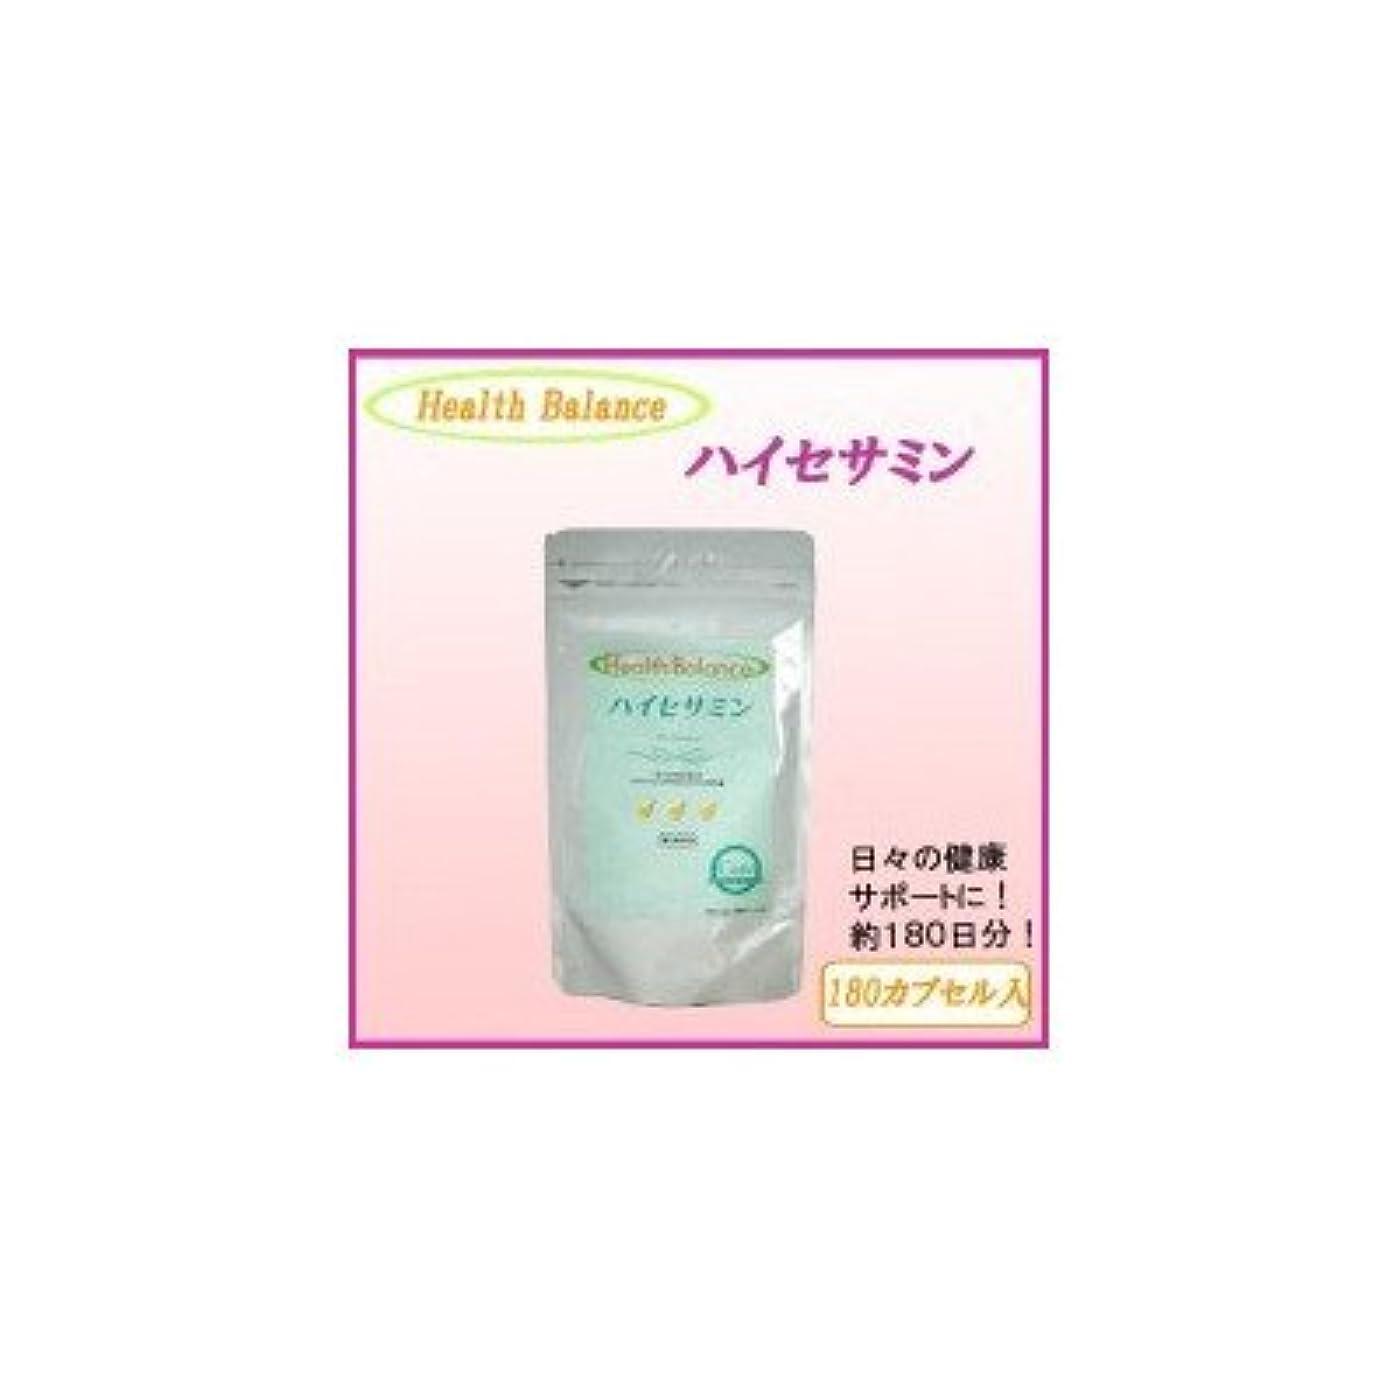 うんざり風味汚れるHealth Balance ヘルスバランス ハイセサミン (約180日分)